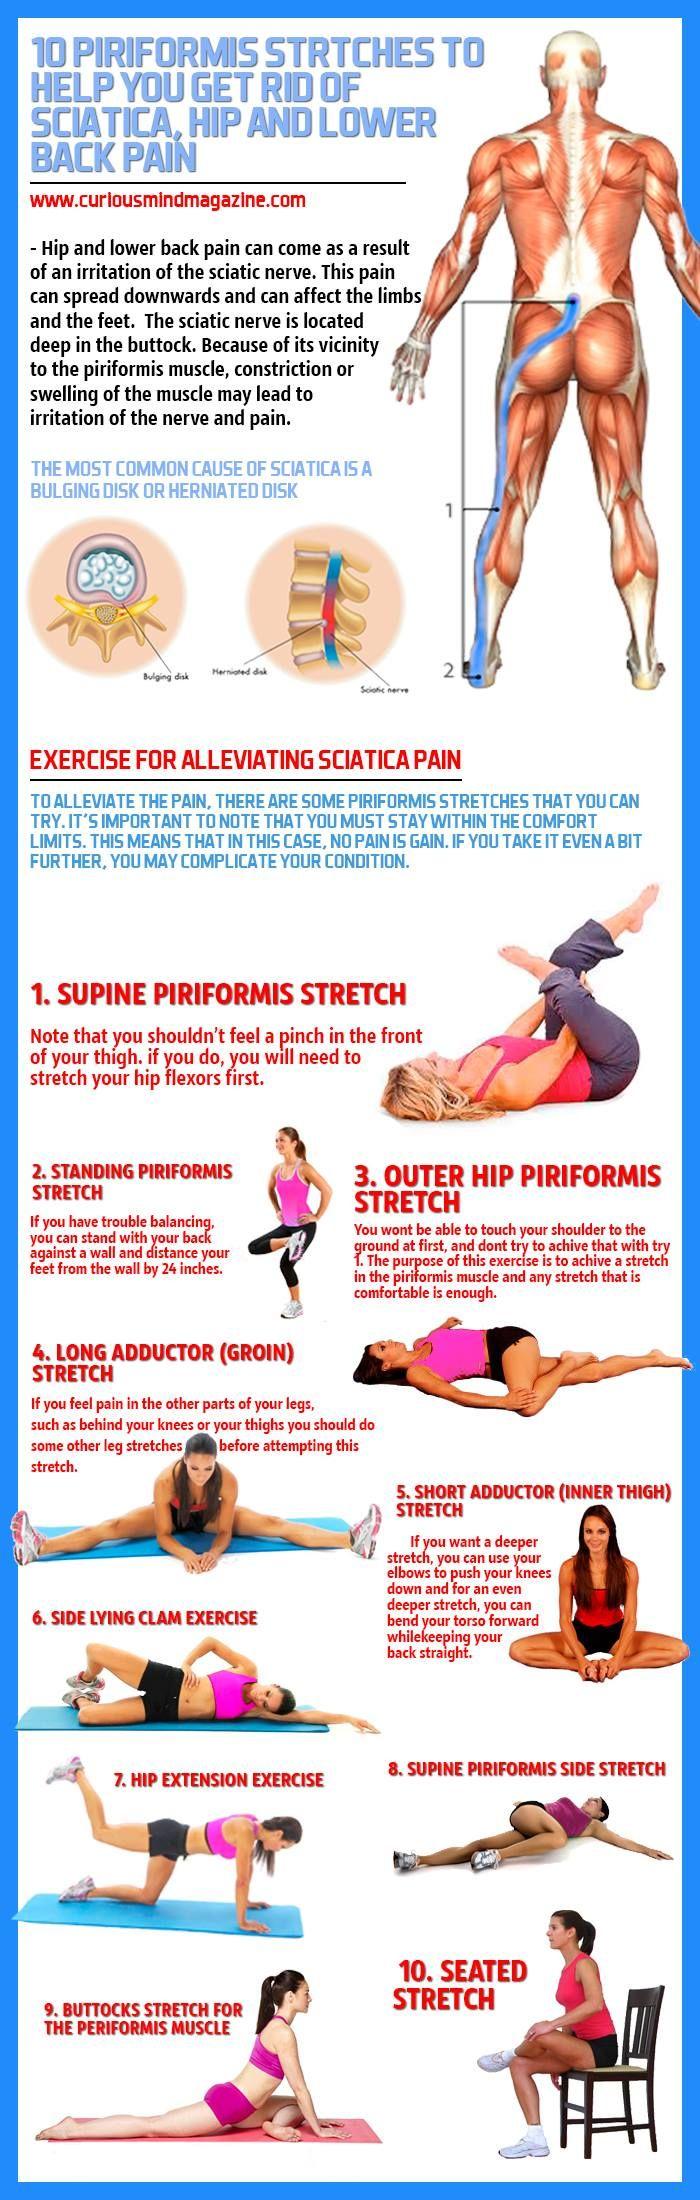 10 piriformis stretches to help you get rid of sciatica, hip and